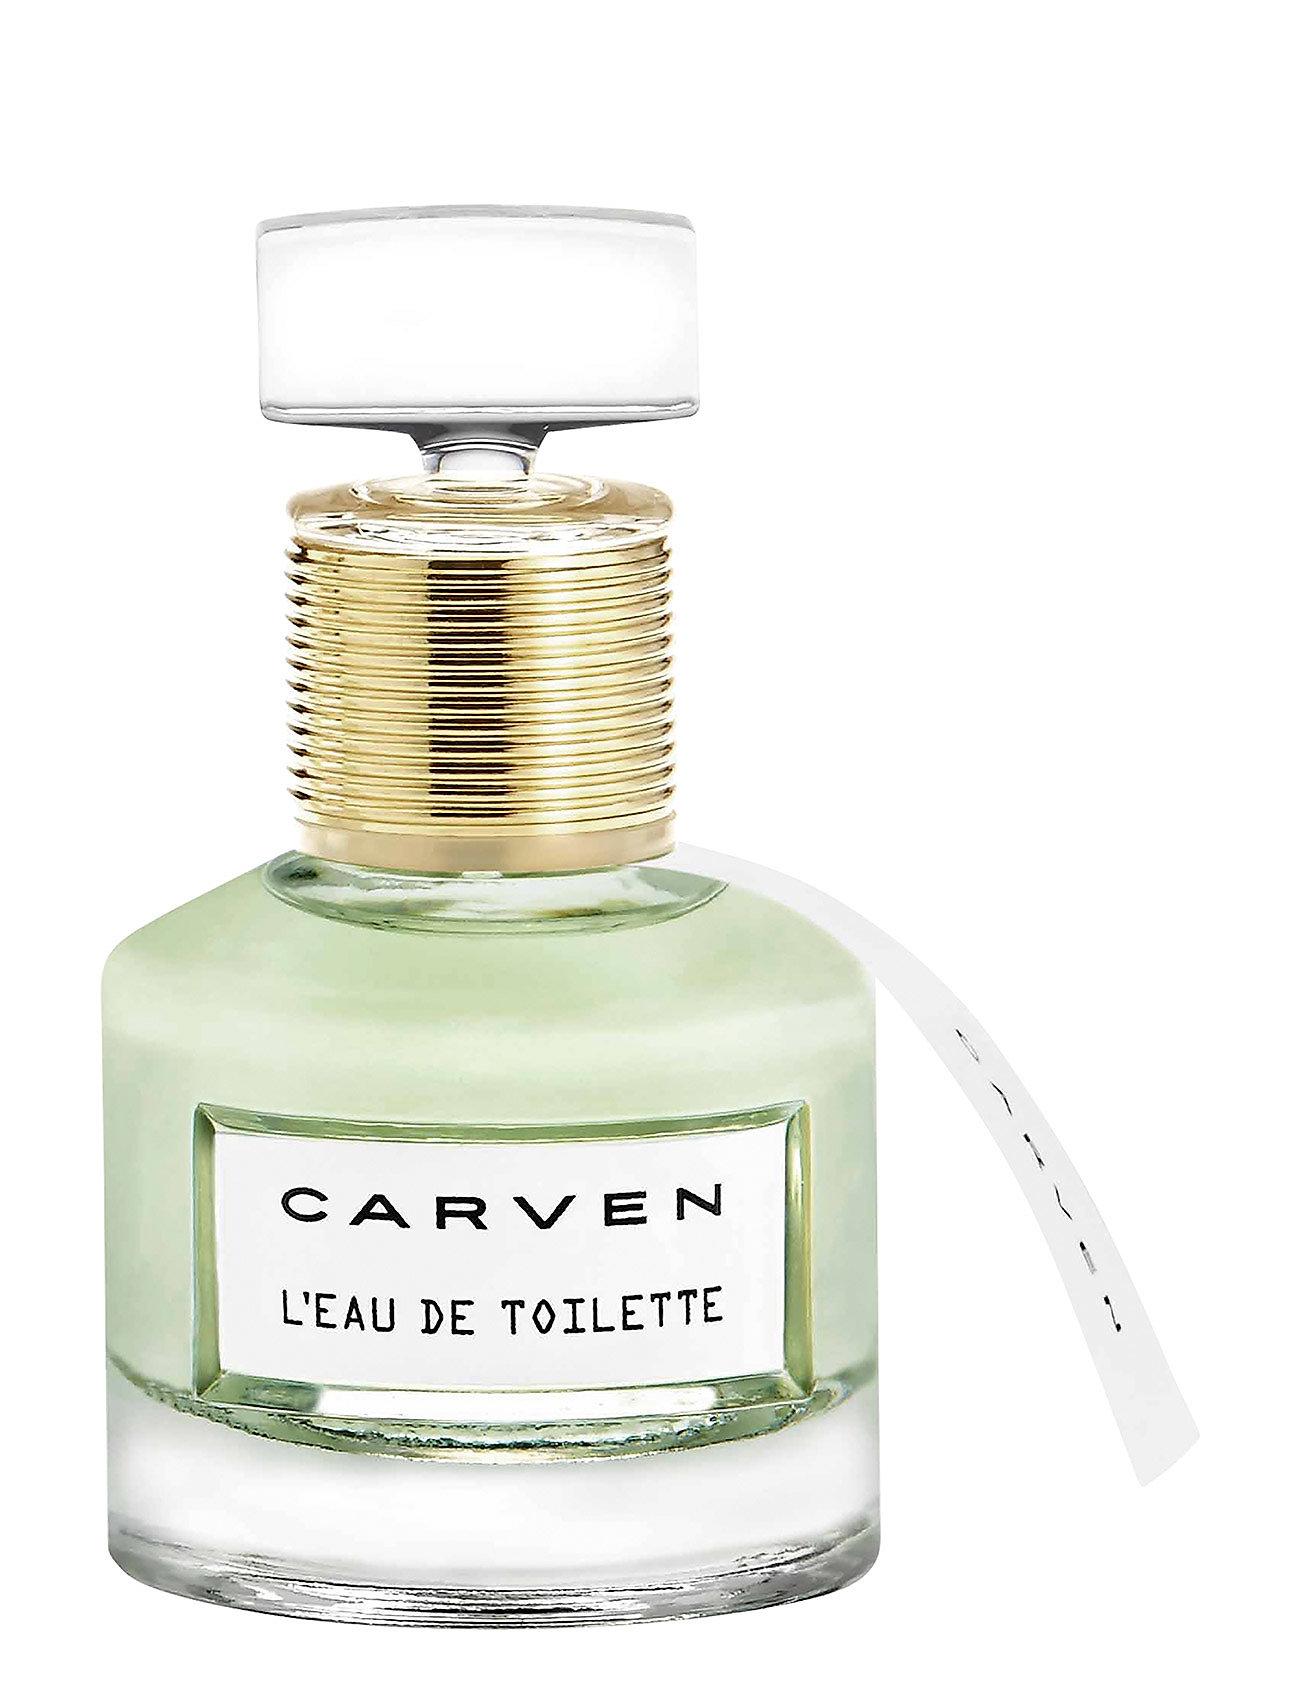 Carven L'Eau de Toilette EdT Spray 30mL - CLEAR